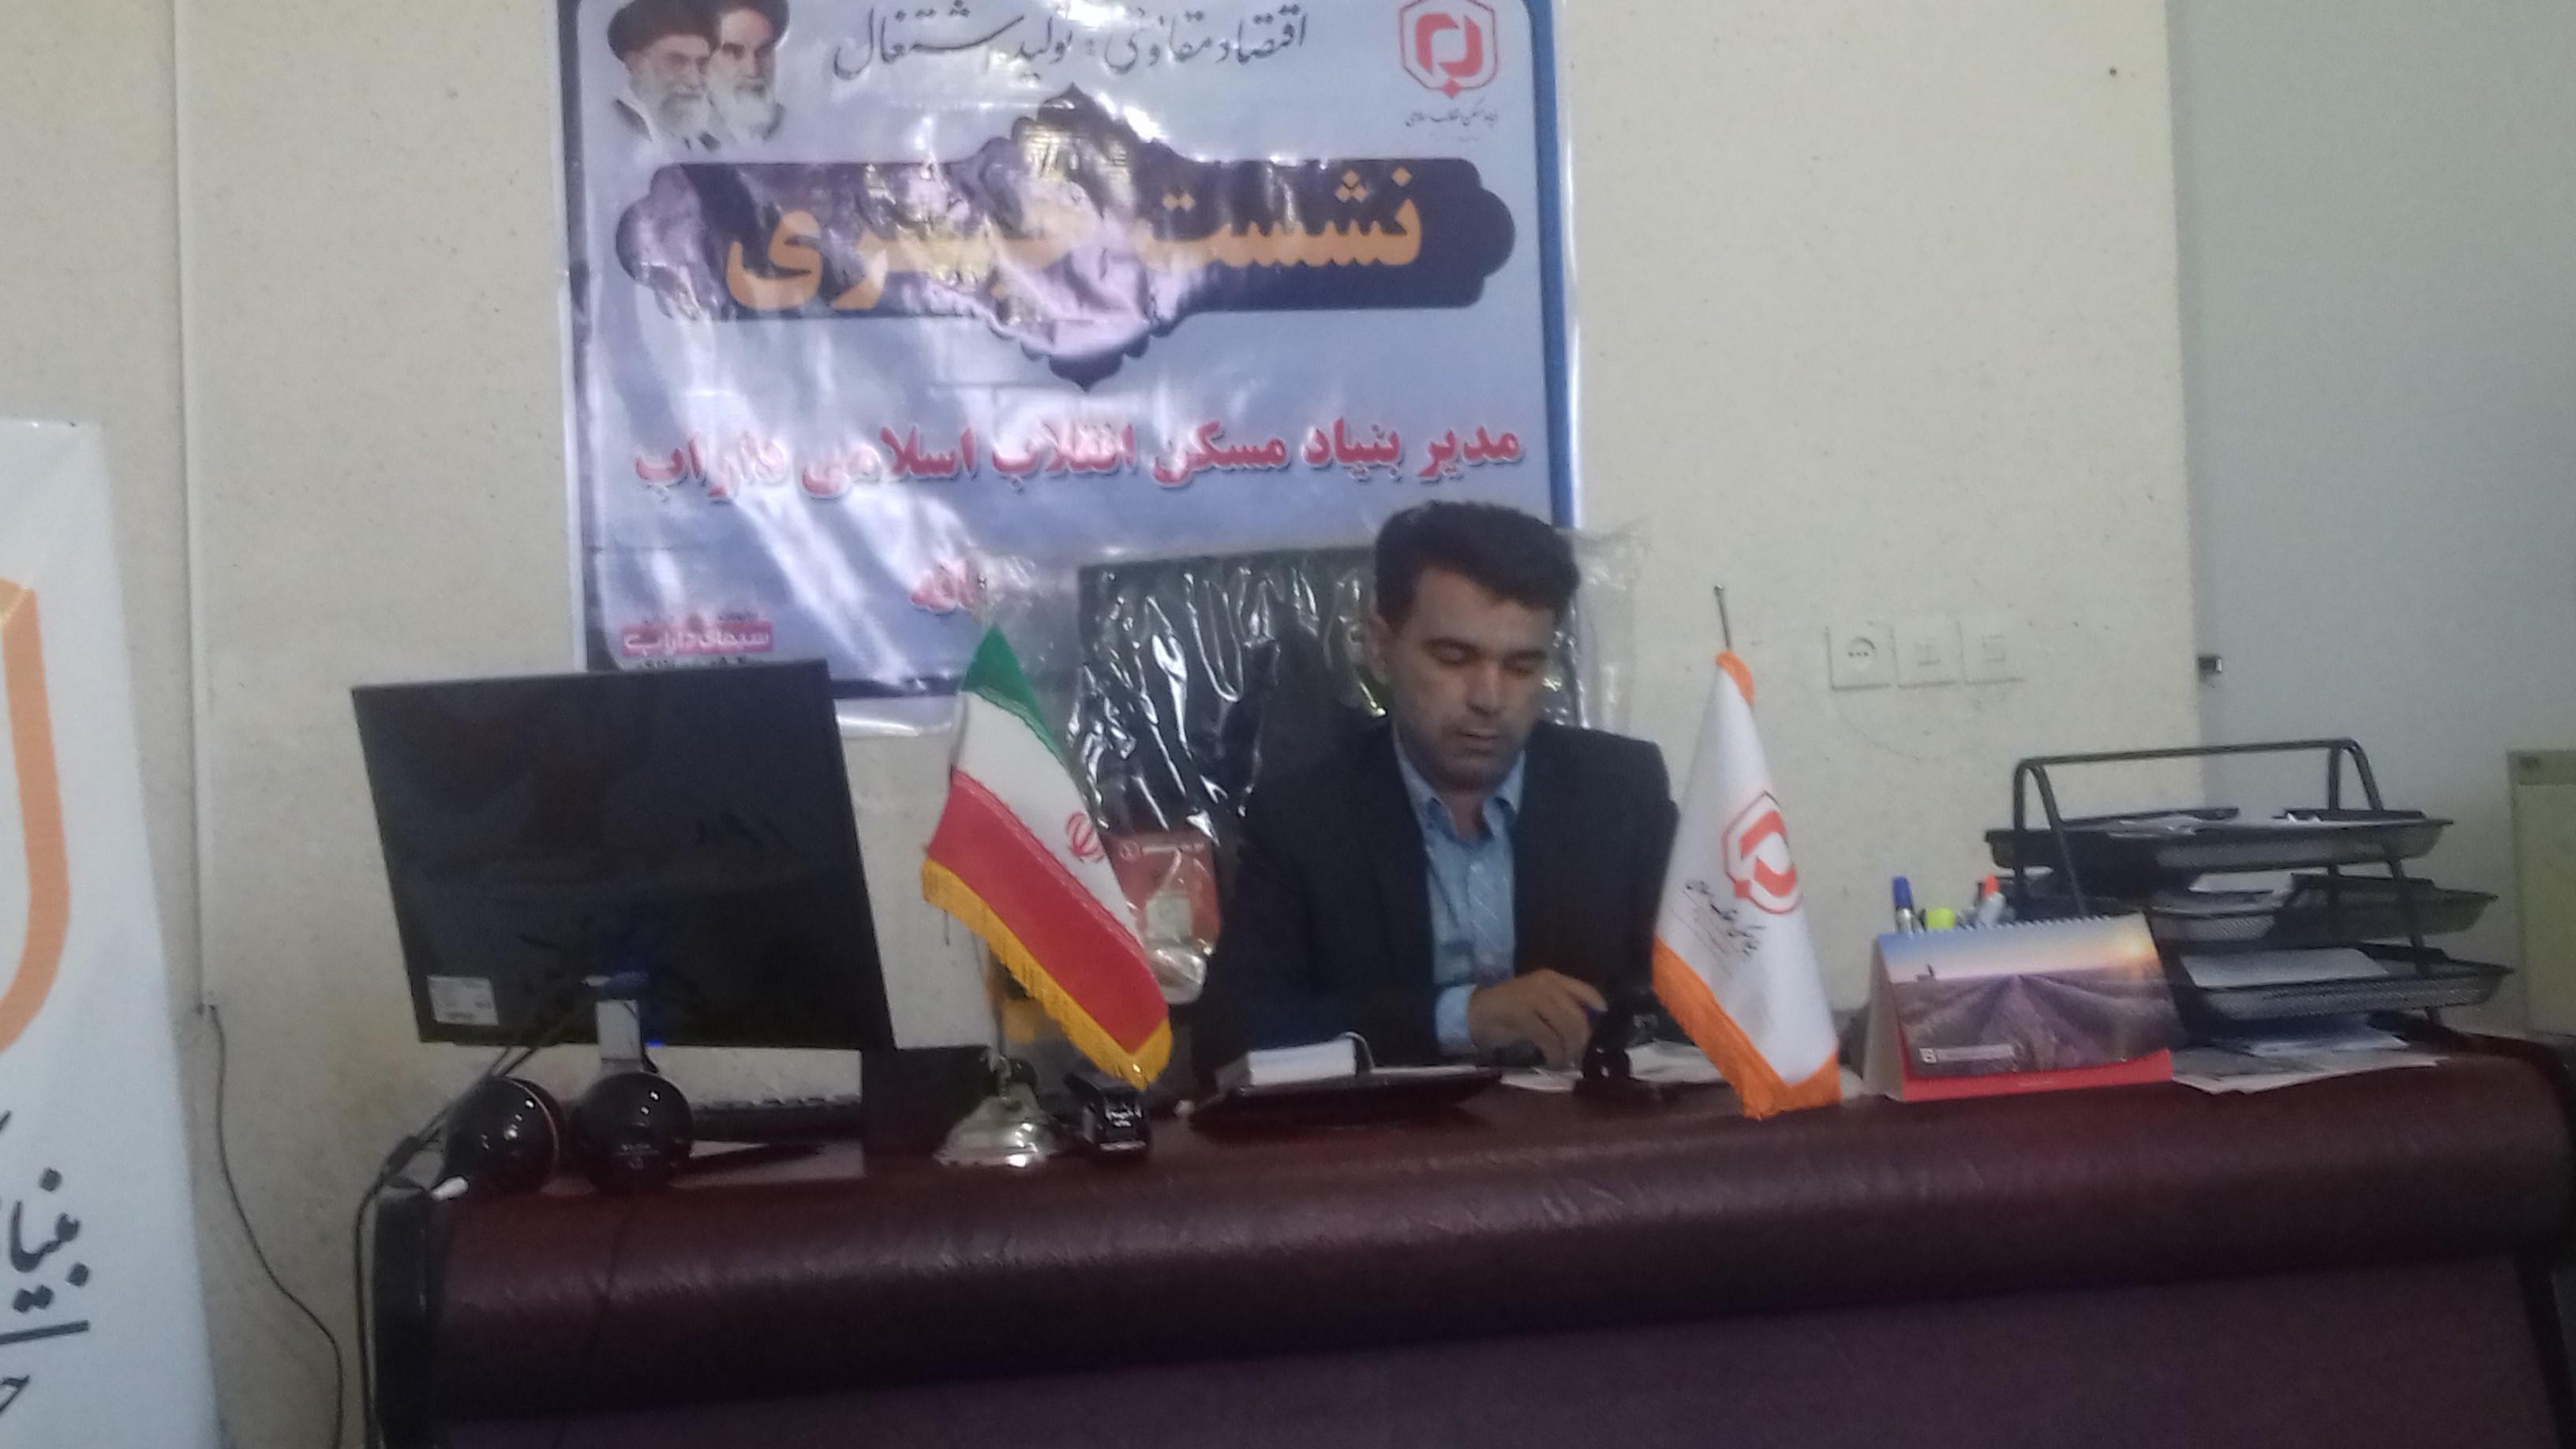 رئیس بنیاد مسکن داراب: ۲۰۱ هزار متر مربع از معابر روستایی داراب آسفالت شد